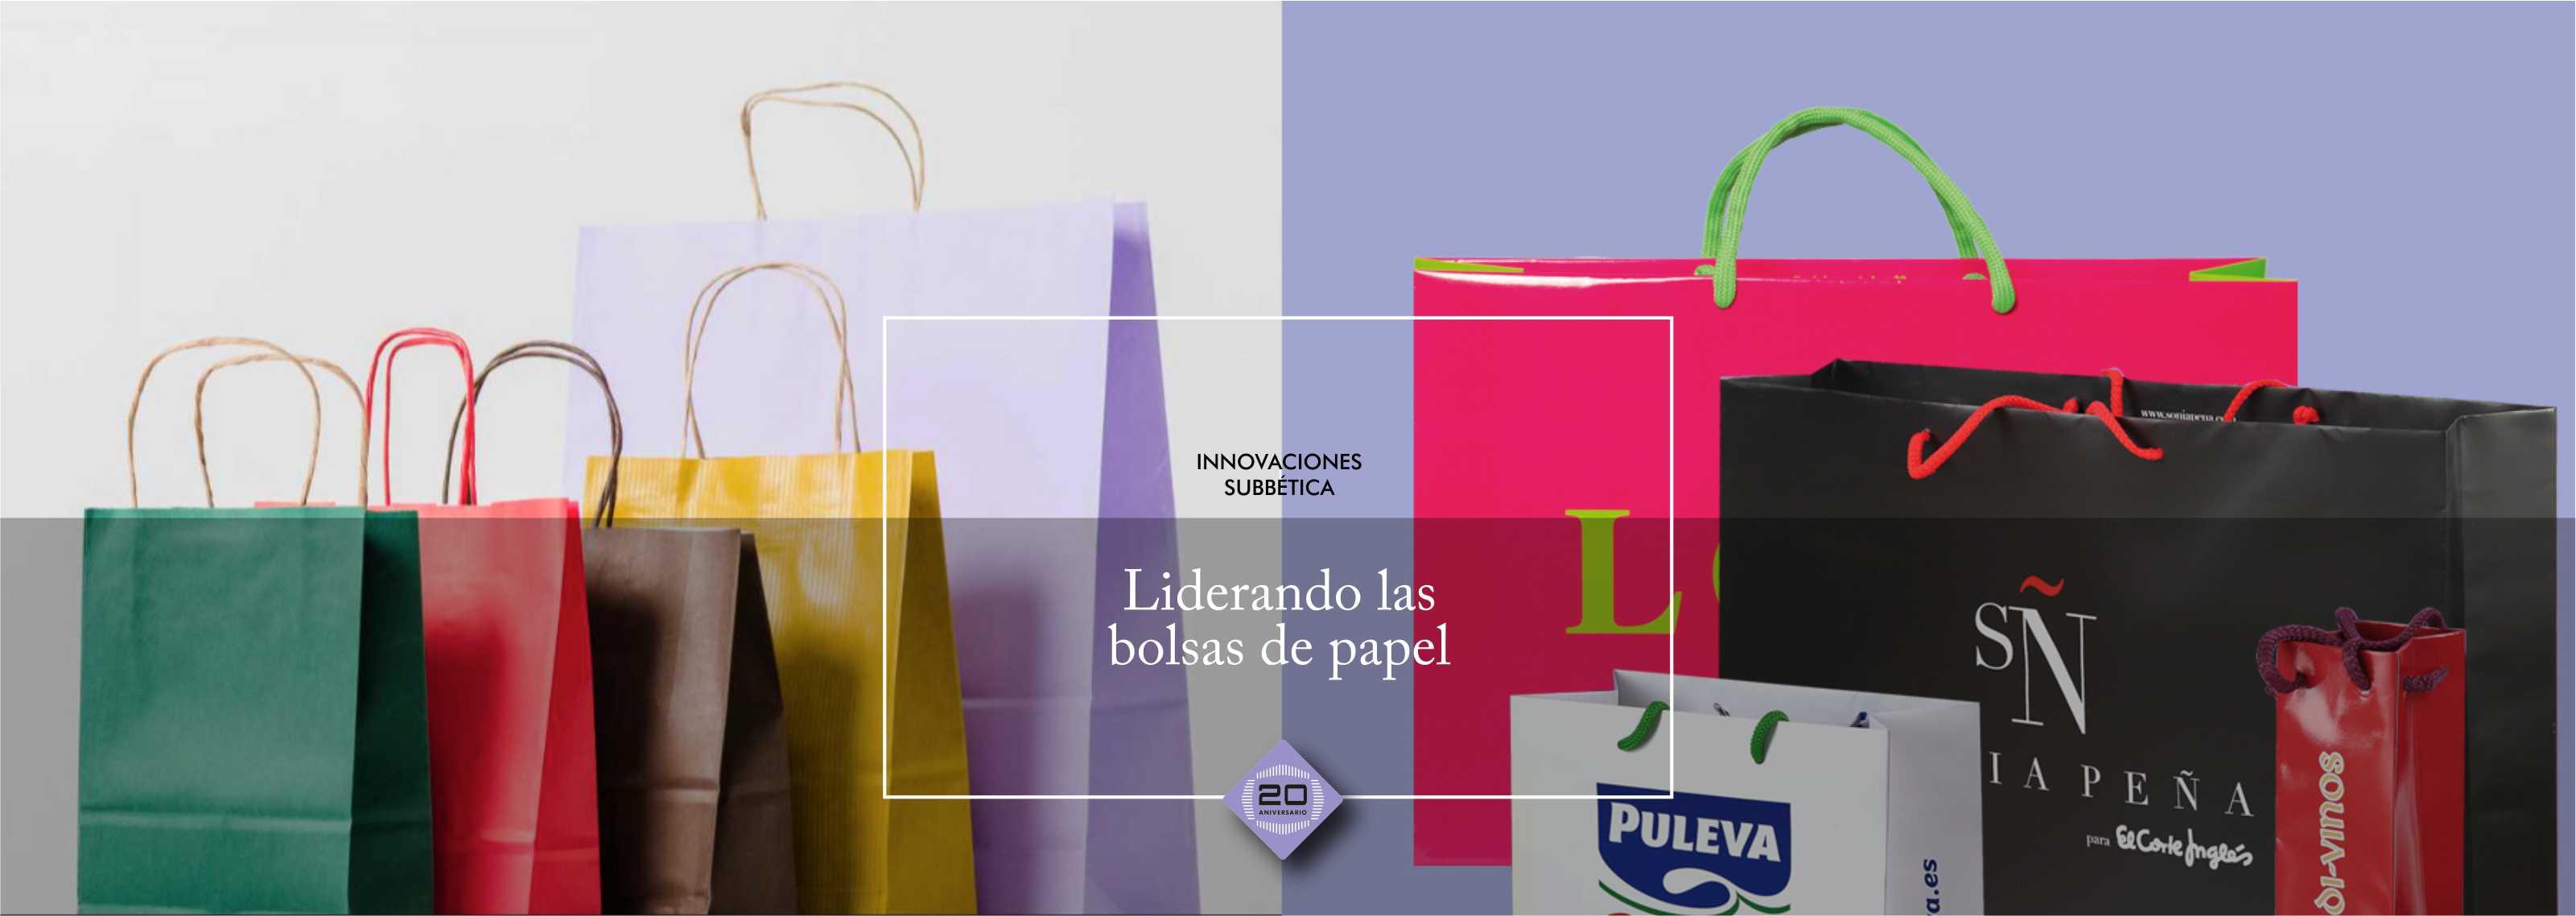 (Español) Adiseño